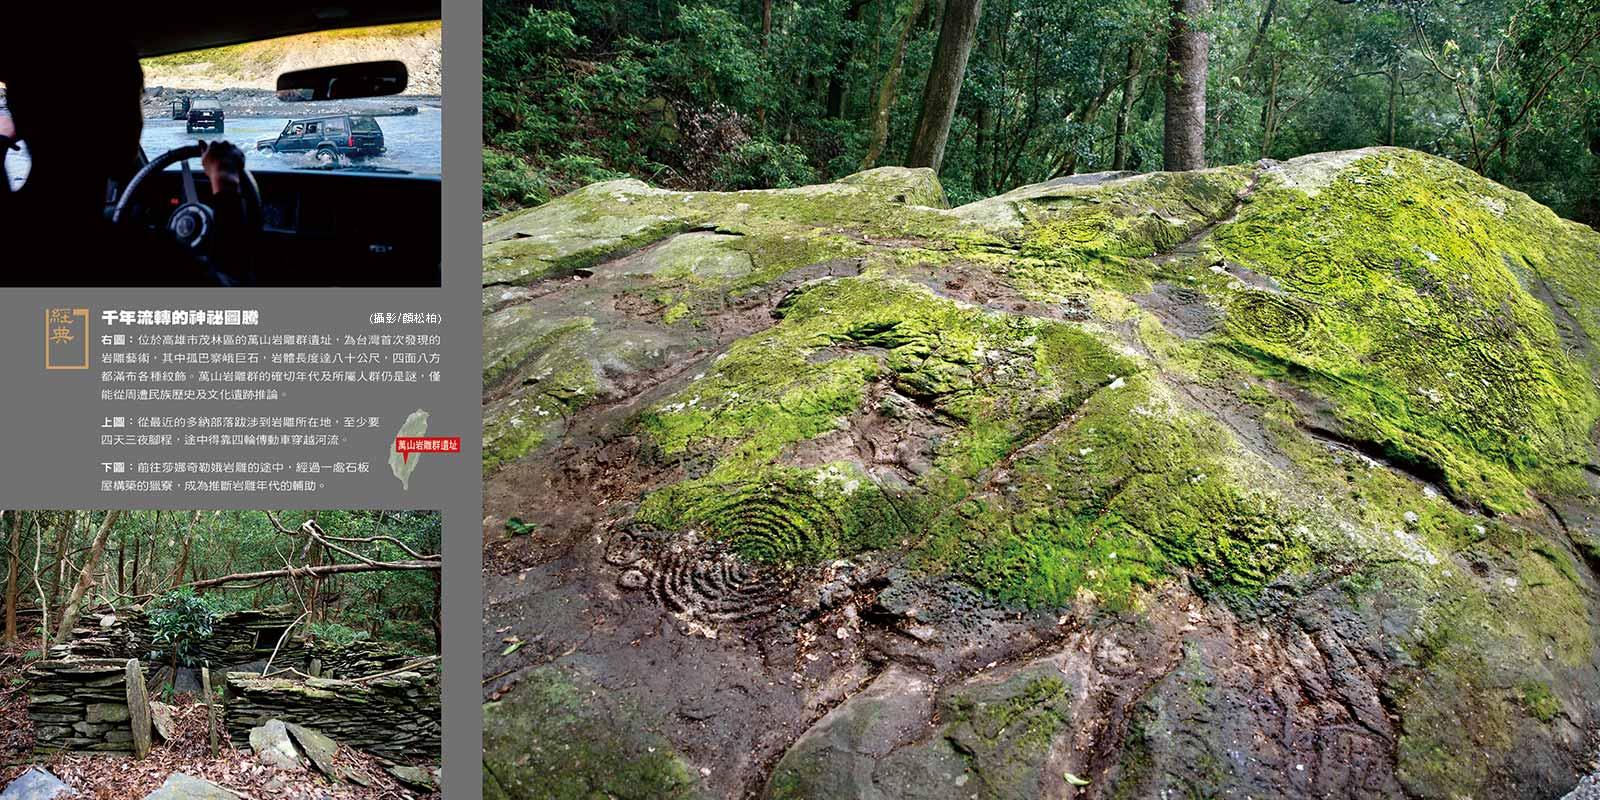 萬山岩雕群遺址─千年流轉的神秘圖騰